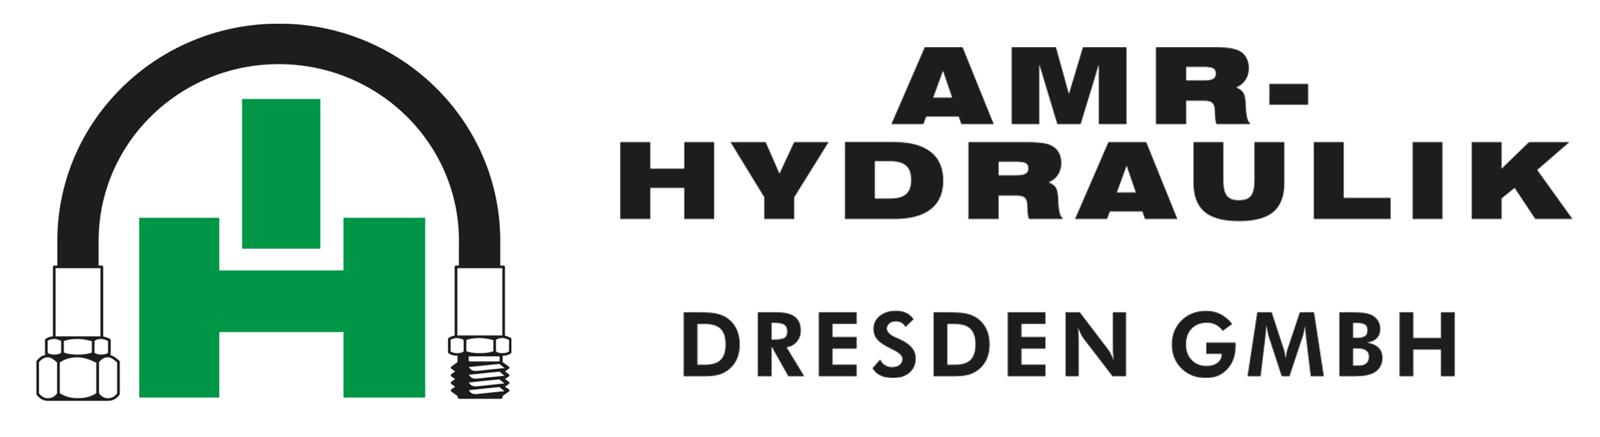 ⚙️ AMR-Hydraulik Dresden GmbH